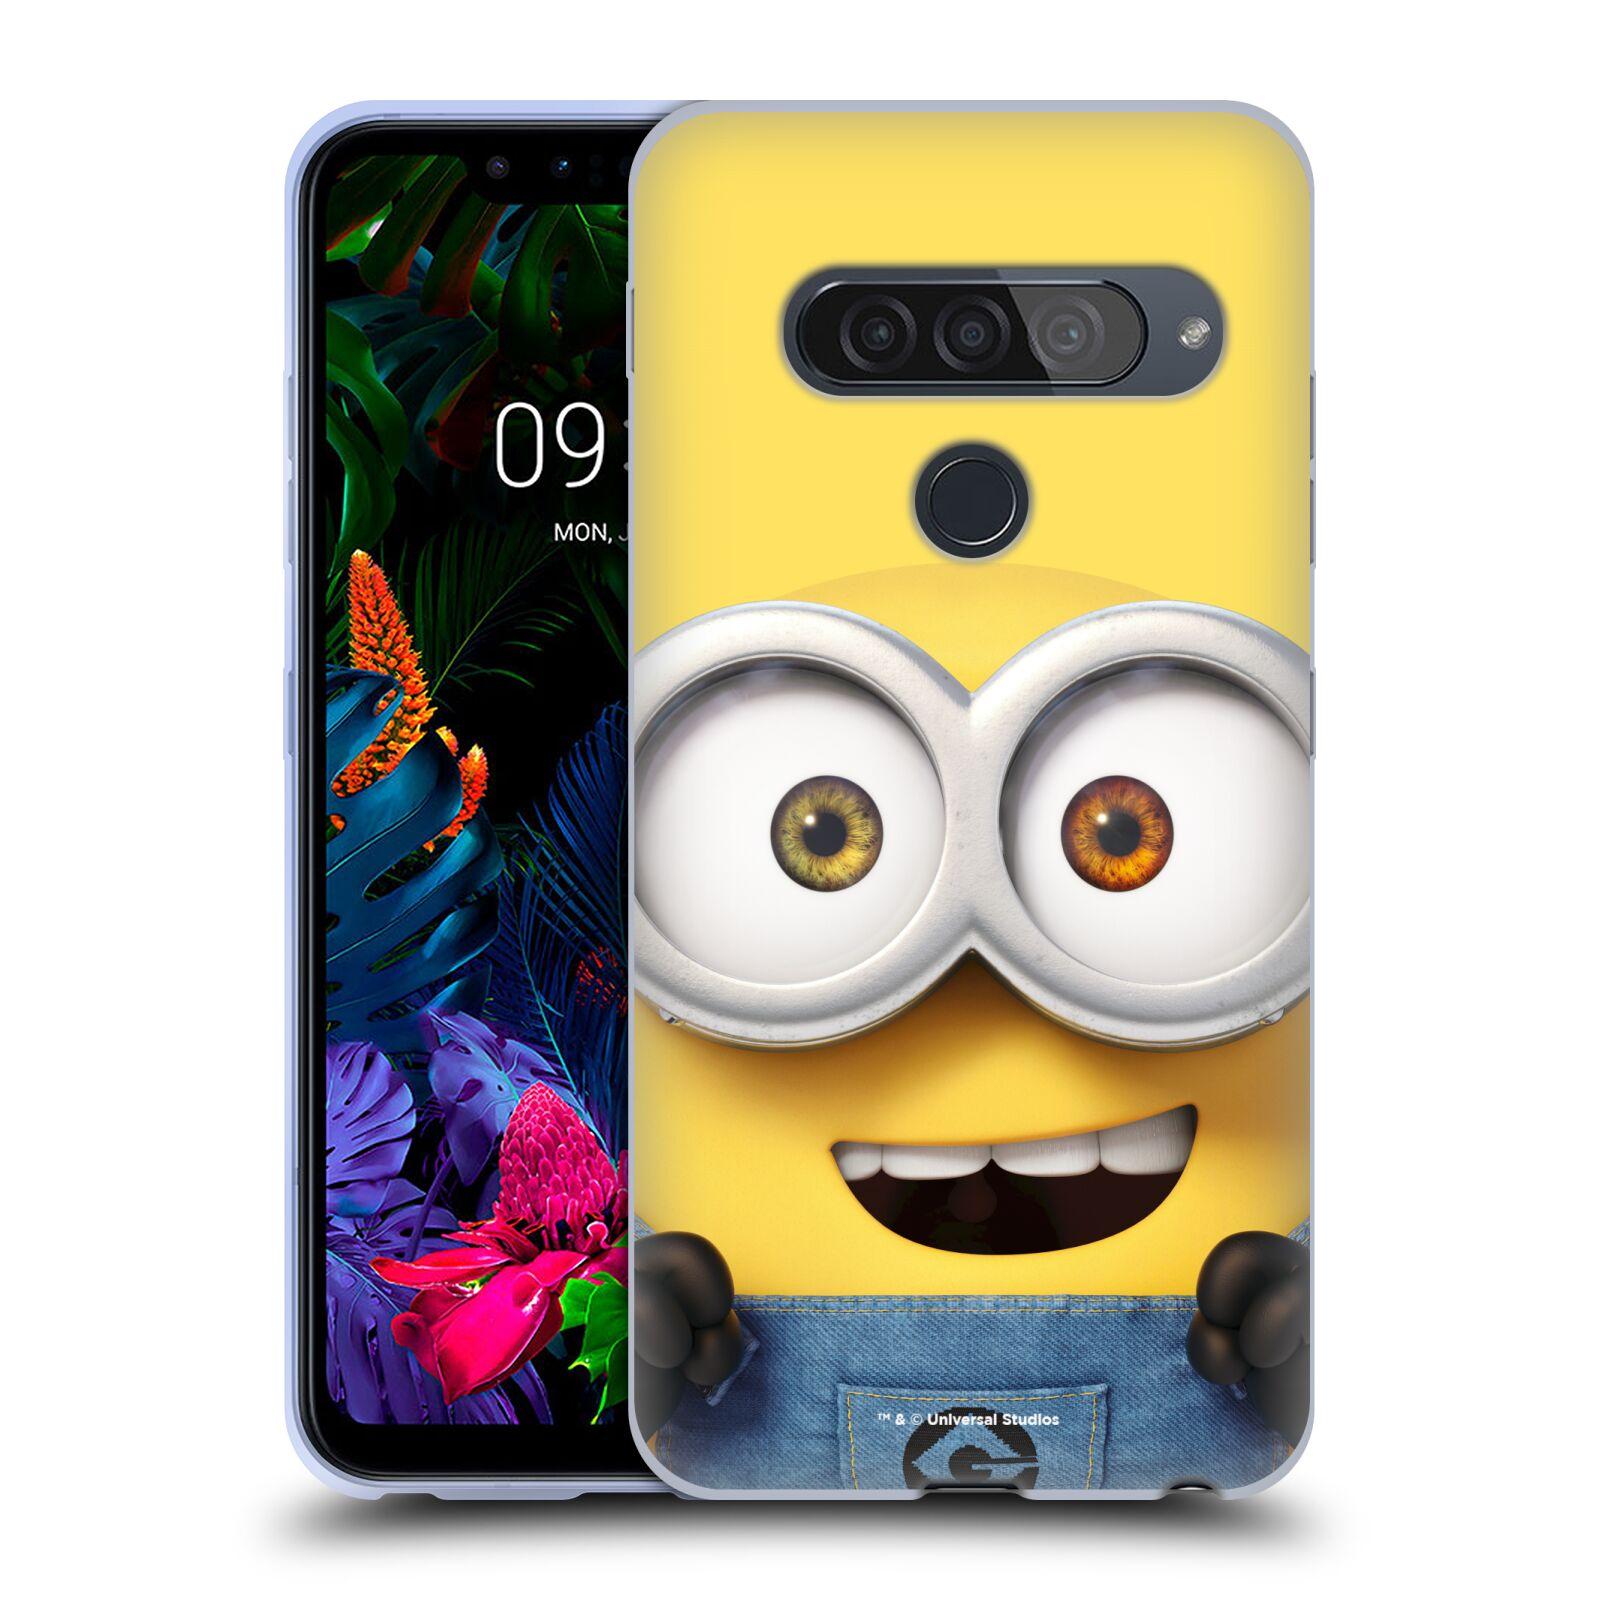 Silikonové pouzdro na mobil LG G8s ThinQ - Head Case - Mimoň Bob z filmu Já, padouch - Despicable Me